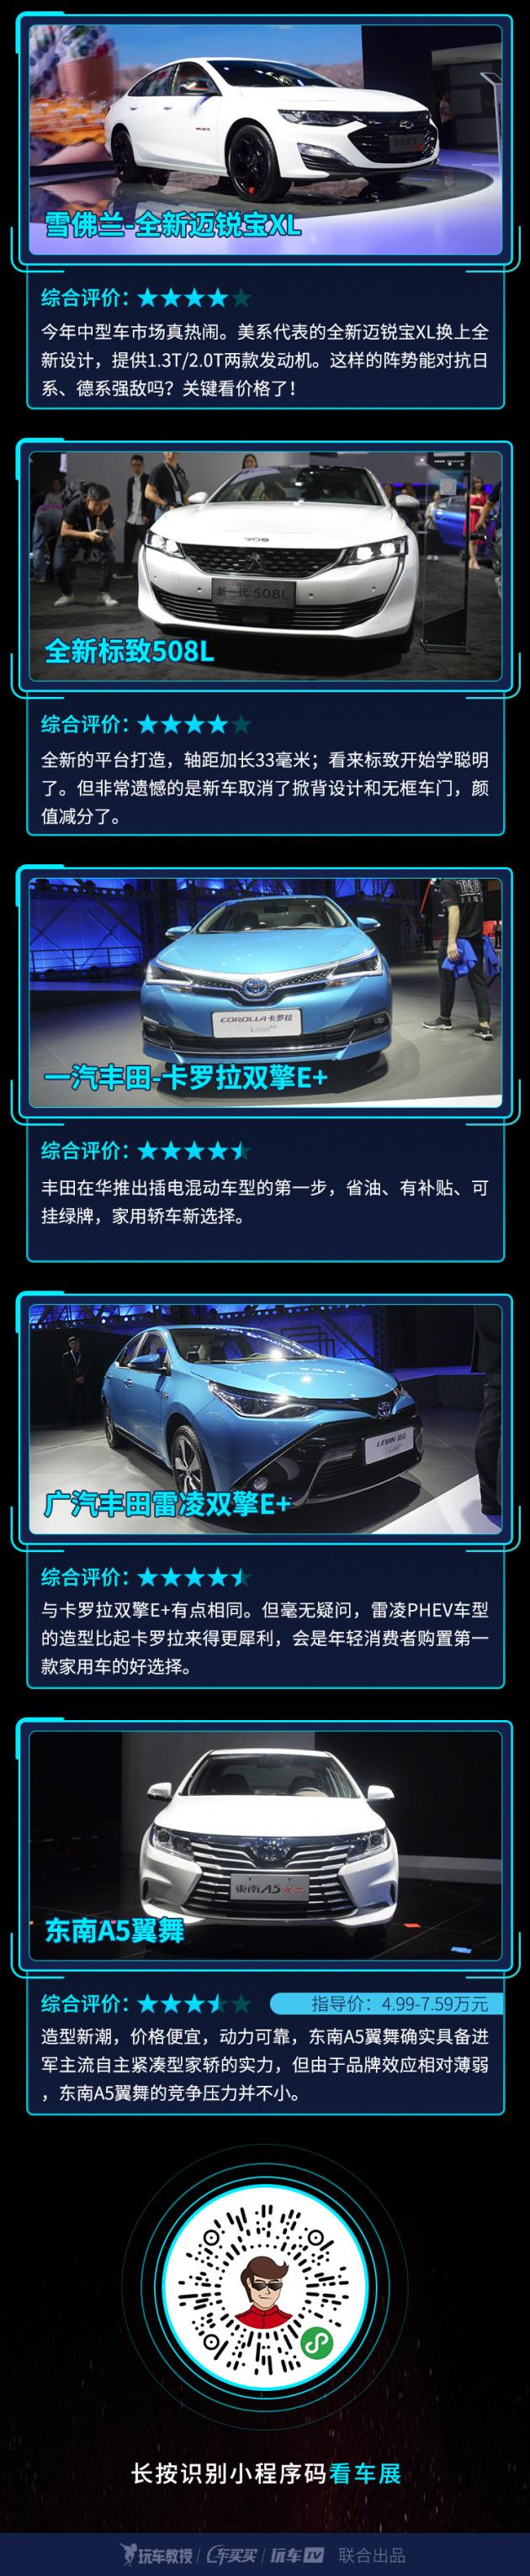 看明白今年广州车展重磅新车 精选17款!